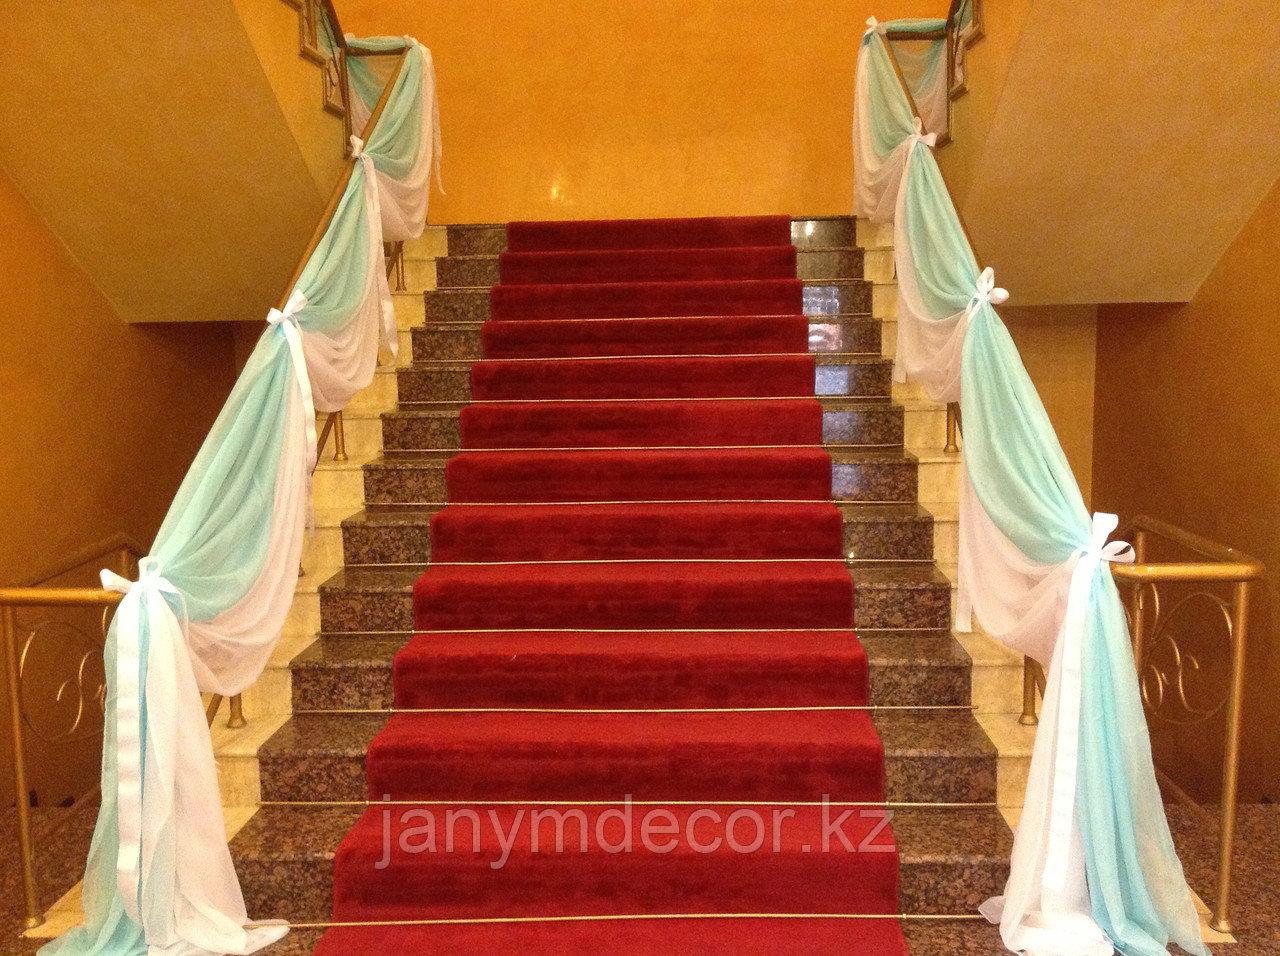 Оформление свадьбы в зале Esperanza - фото 4